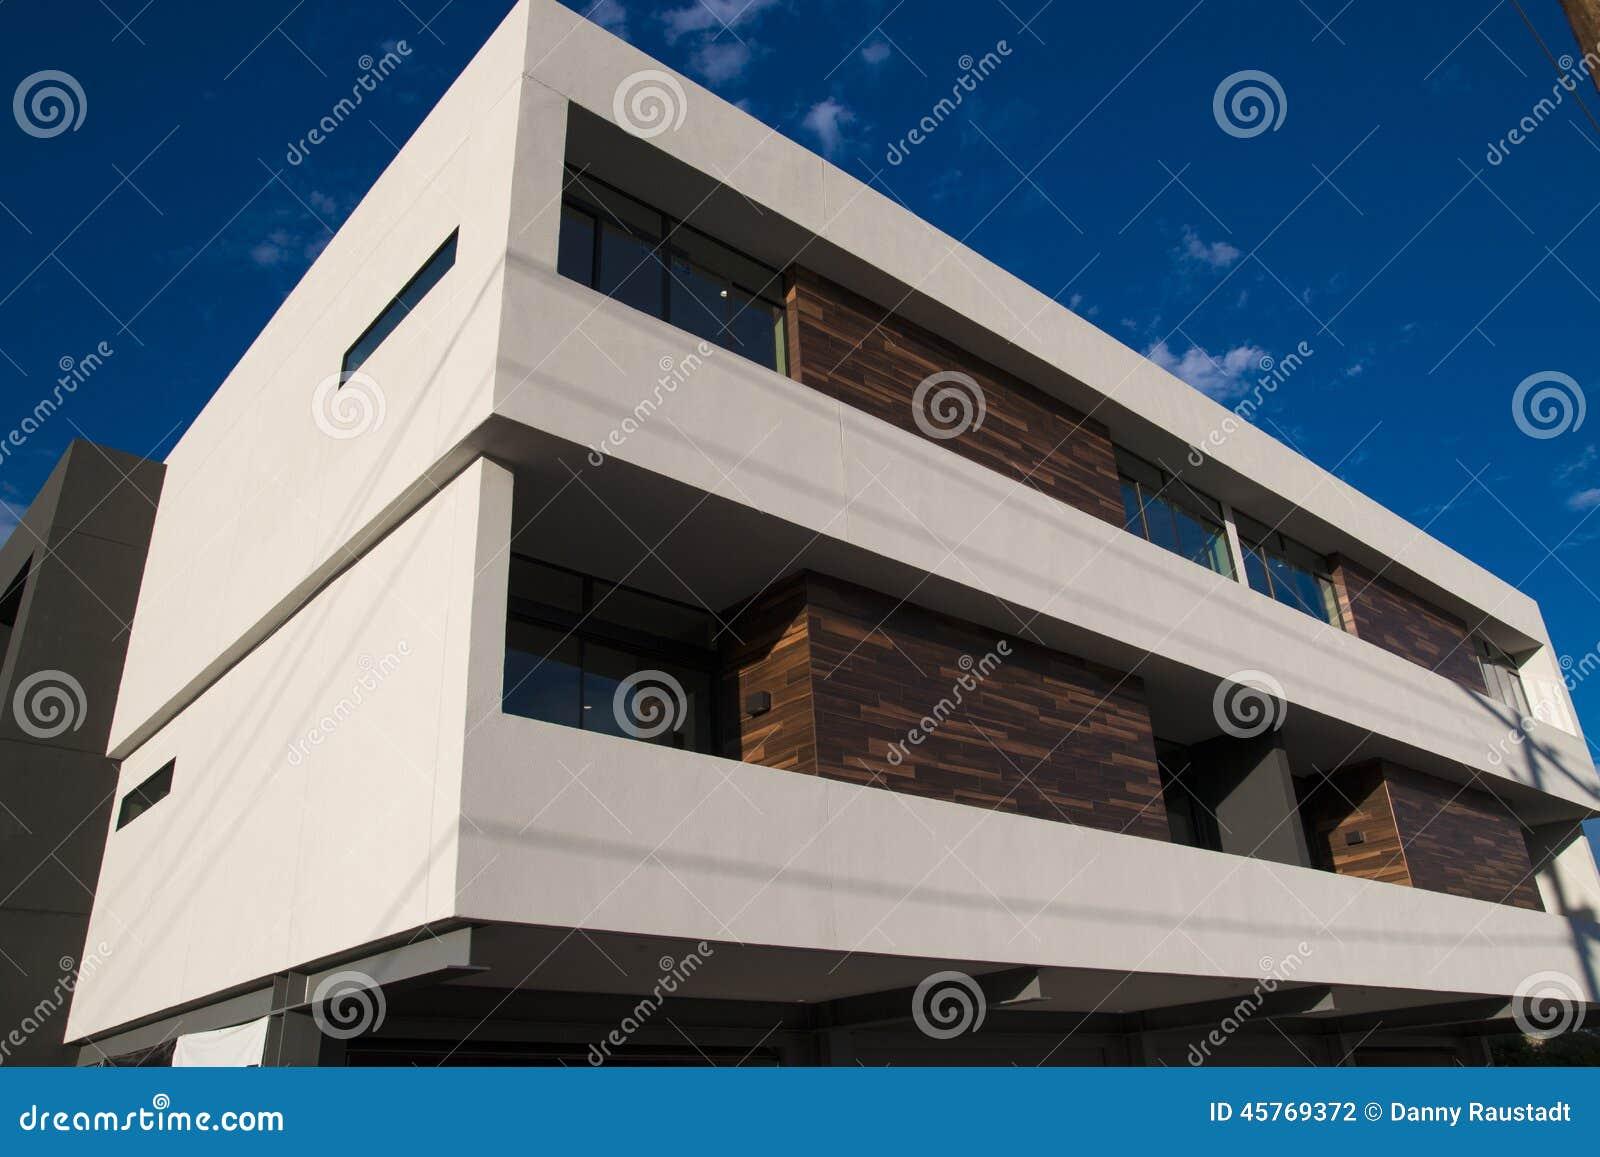 Modernes Reihenhaus-Wohnungs-Äußeres Stockfoto - Bild von ...